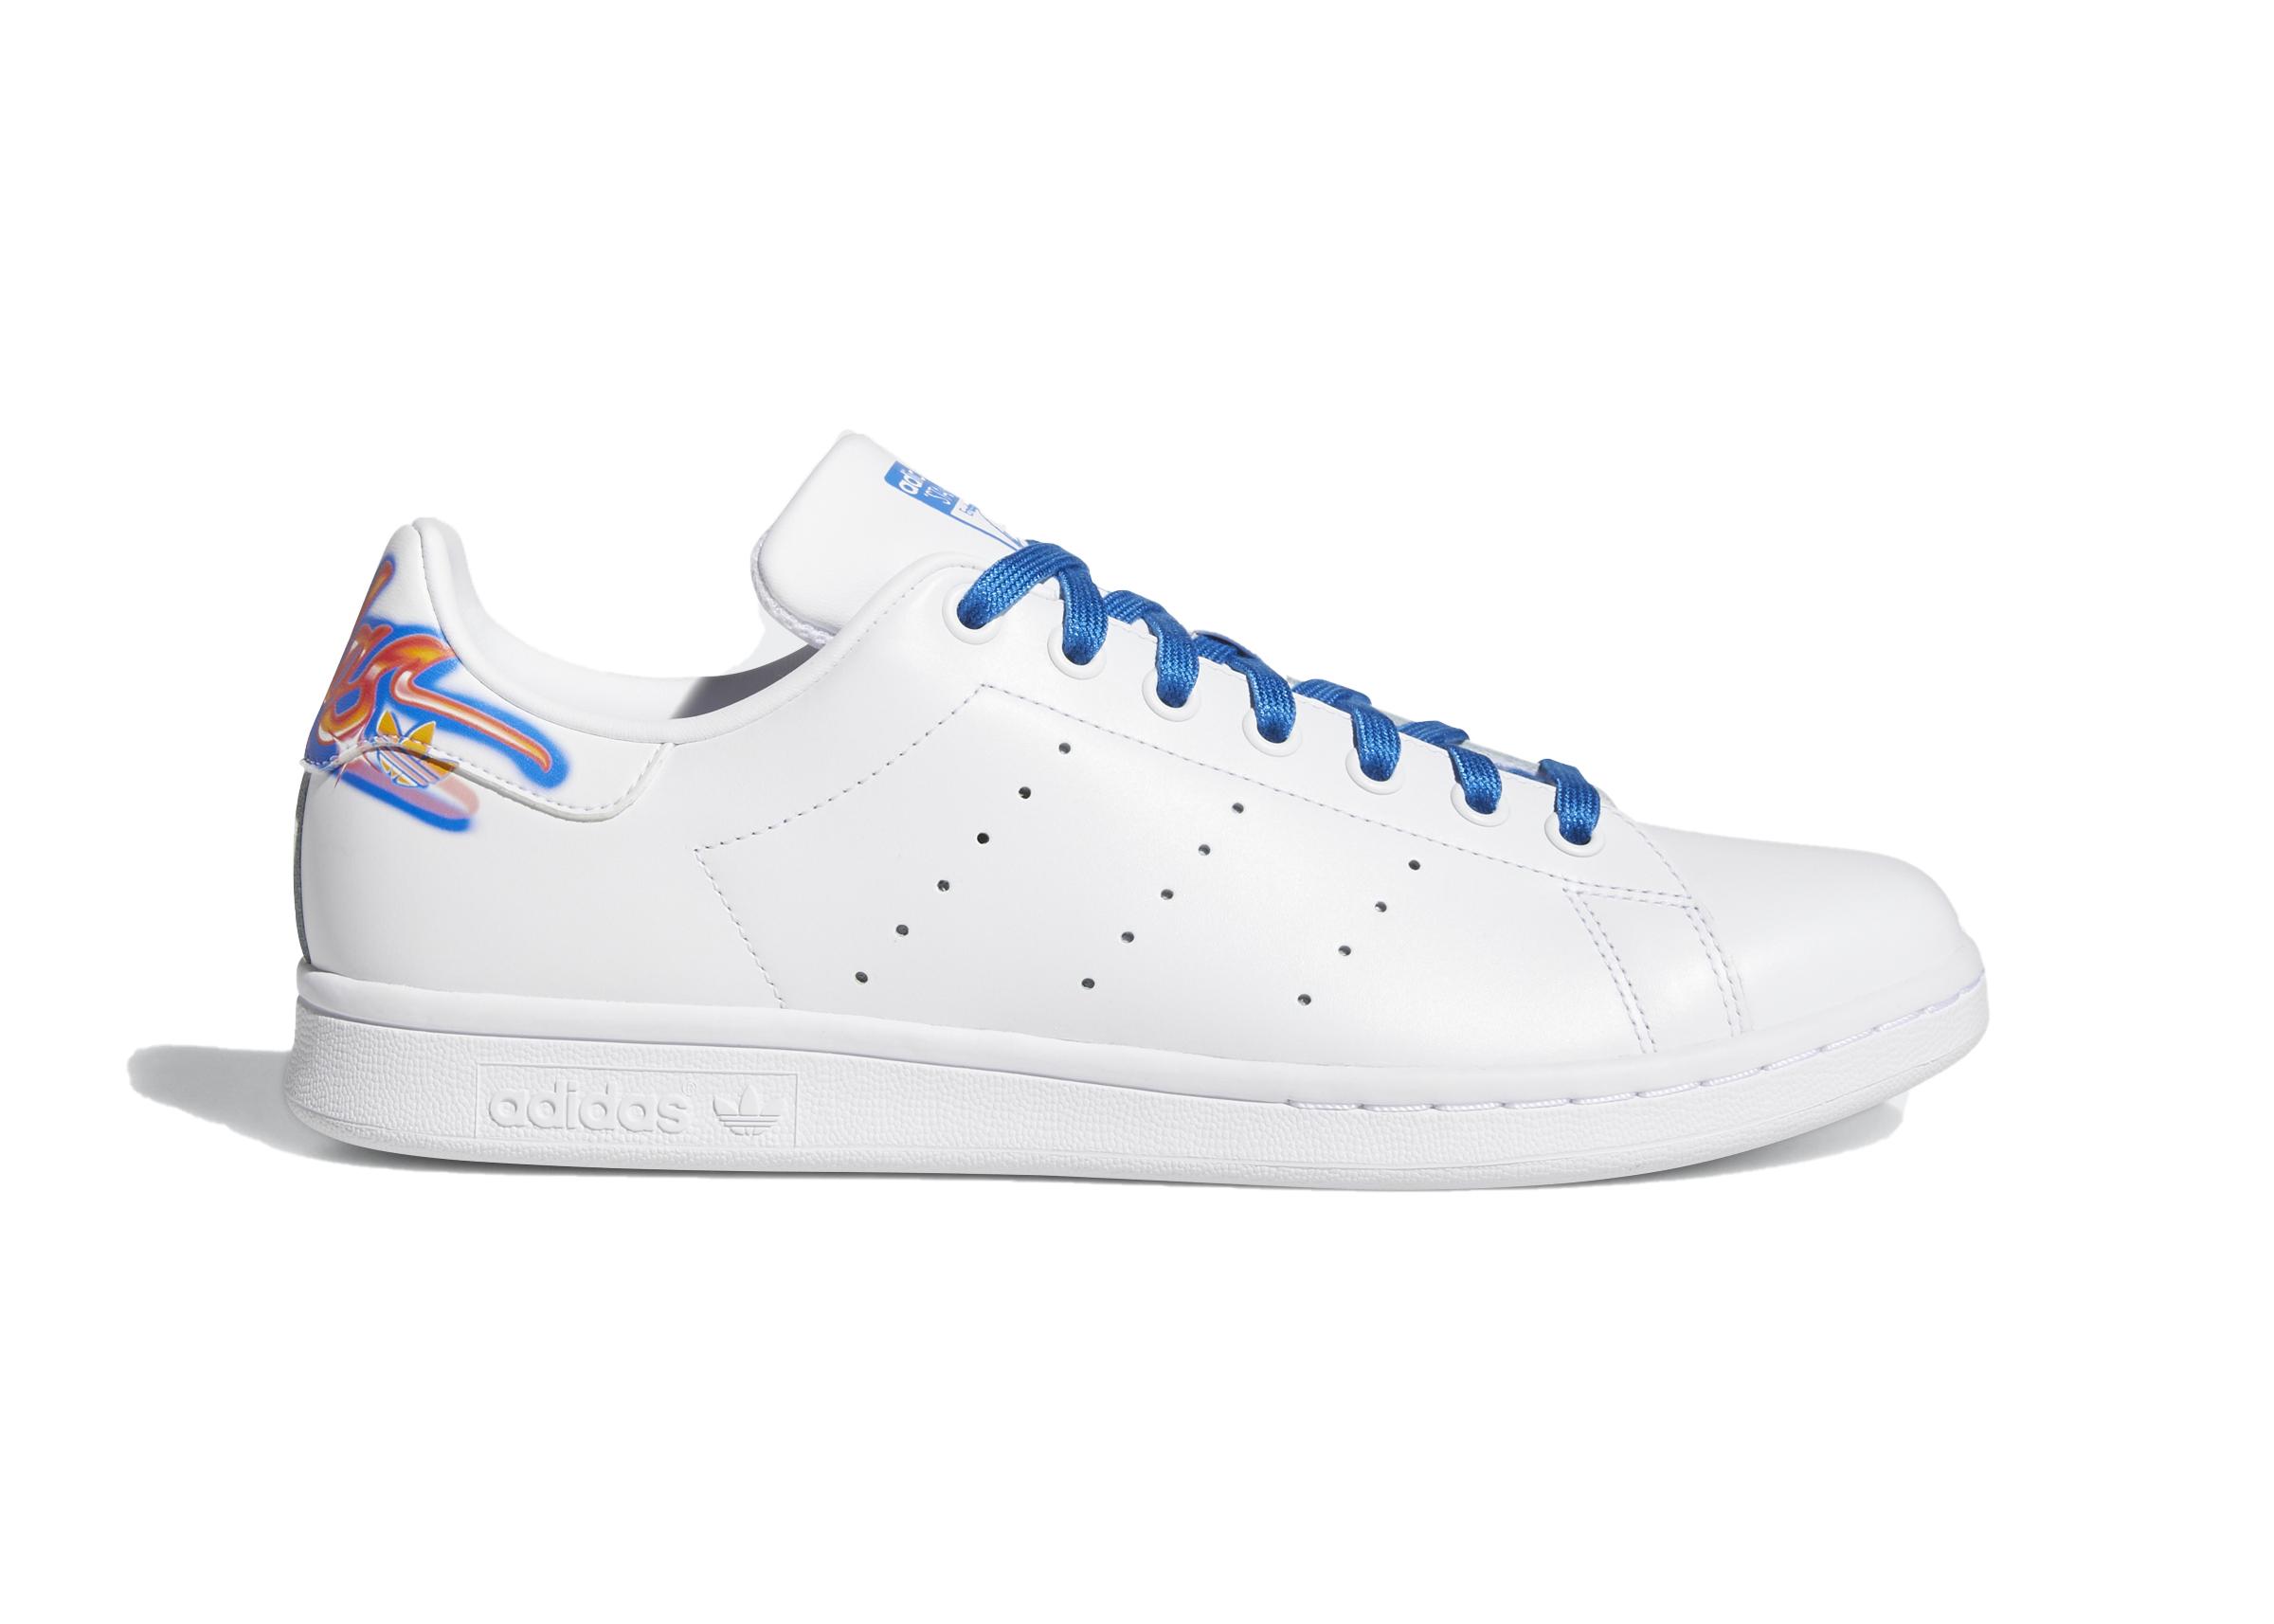 adidas Stan Smith White Bluebird - FV7869